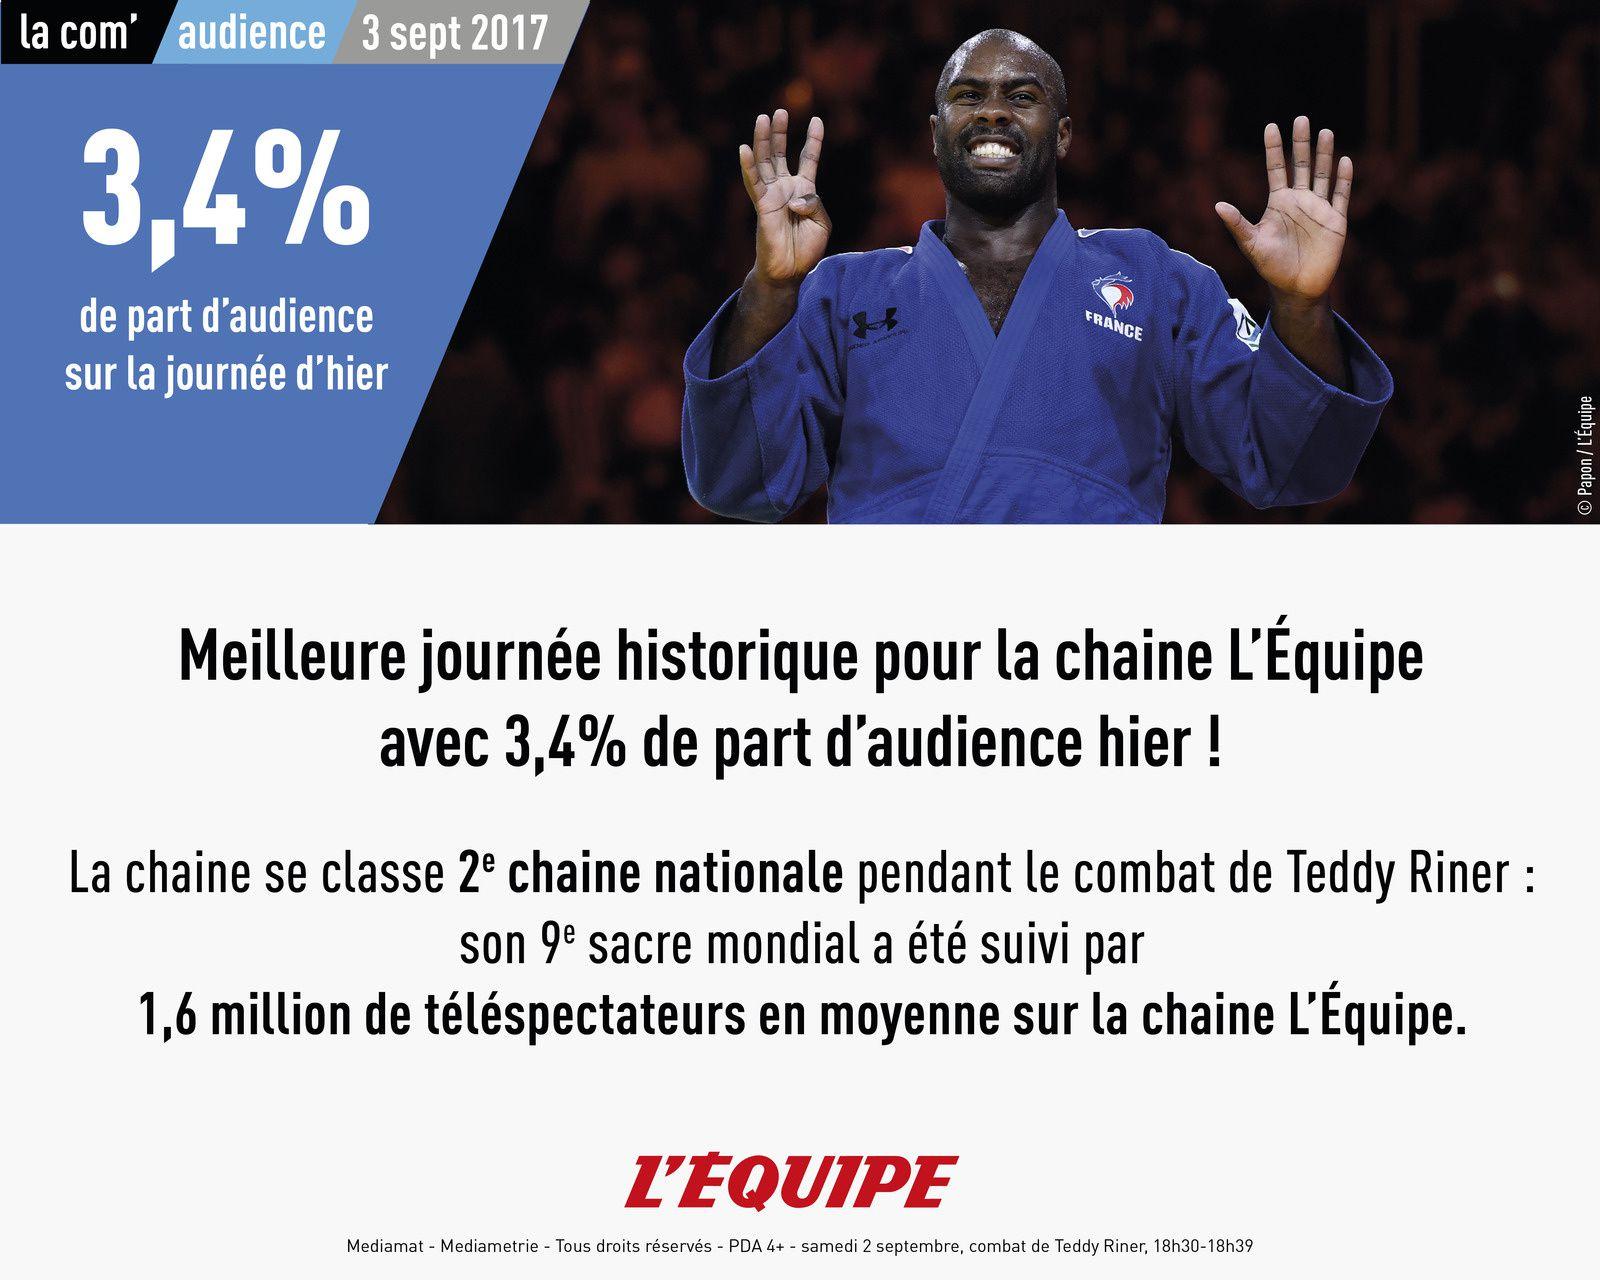 Meilleure journée historique pour la chaine L'Equipe avec 3,4% de part d'audience dimanche.